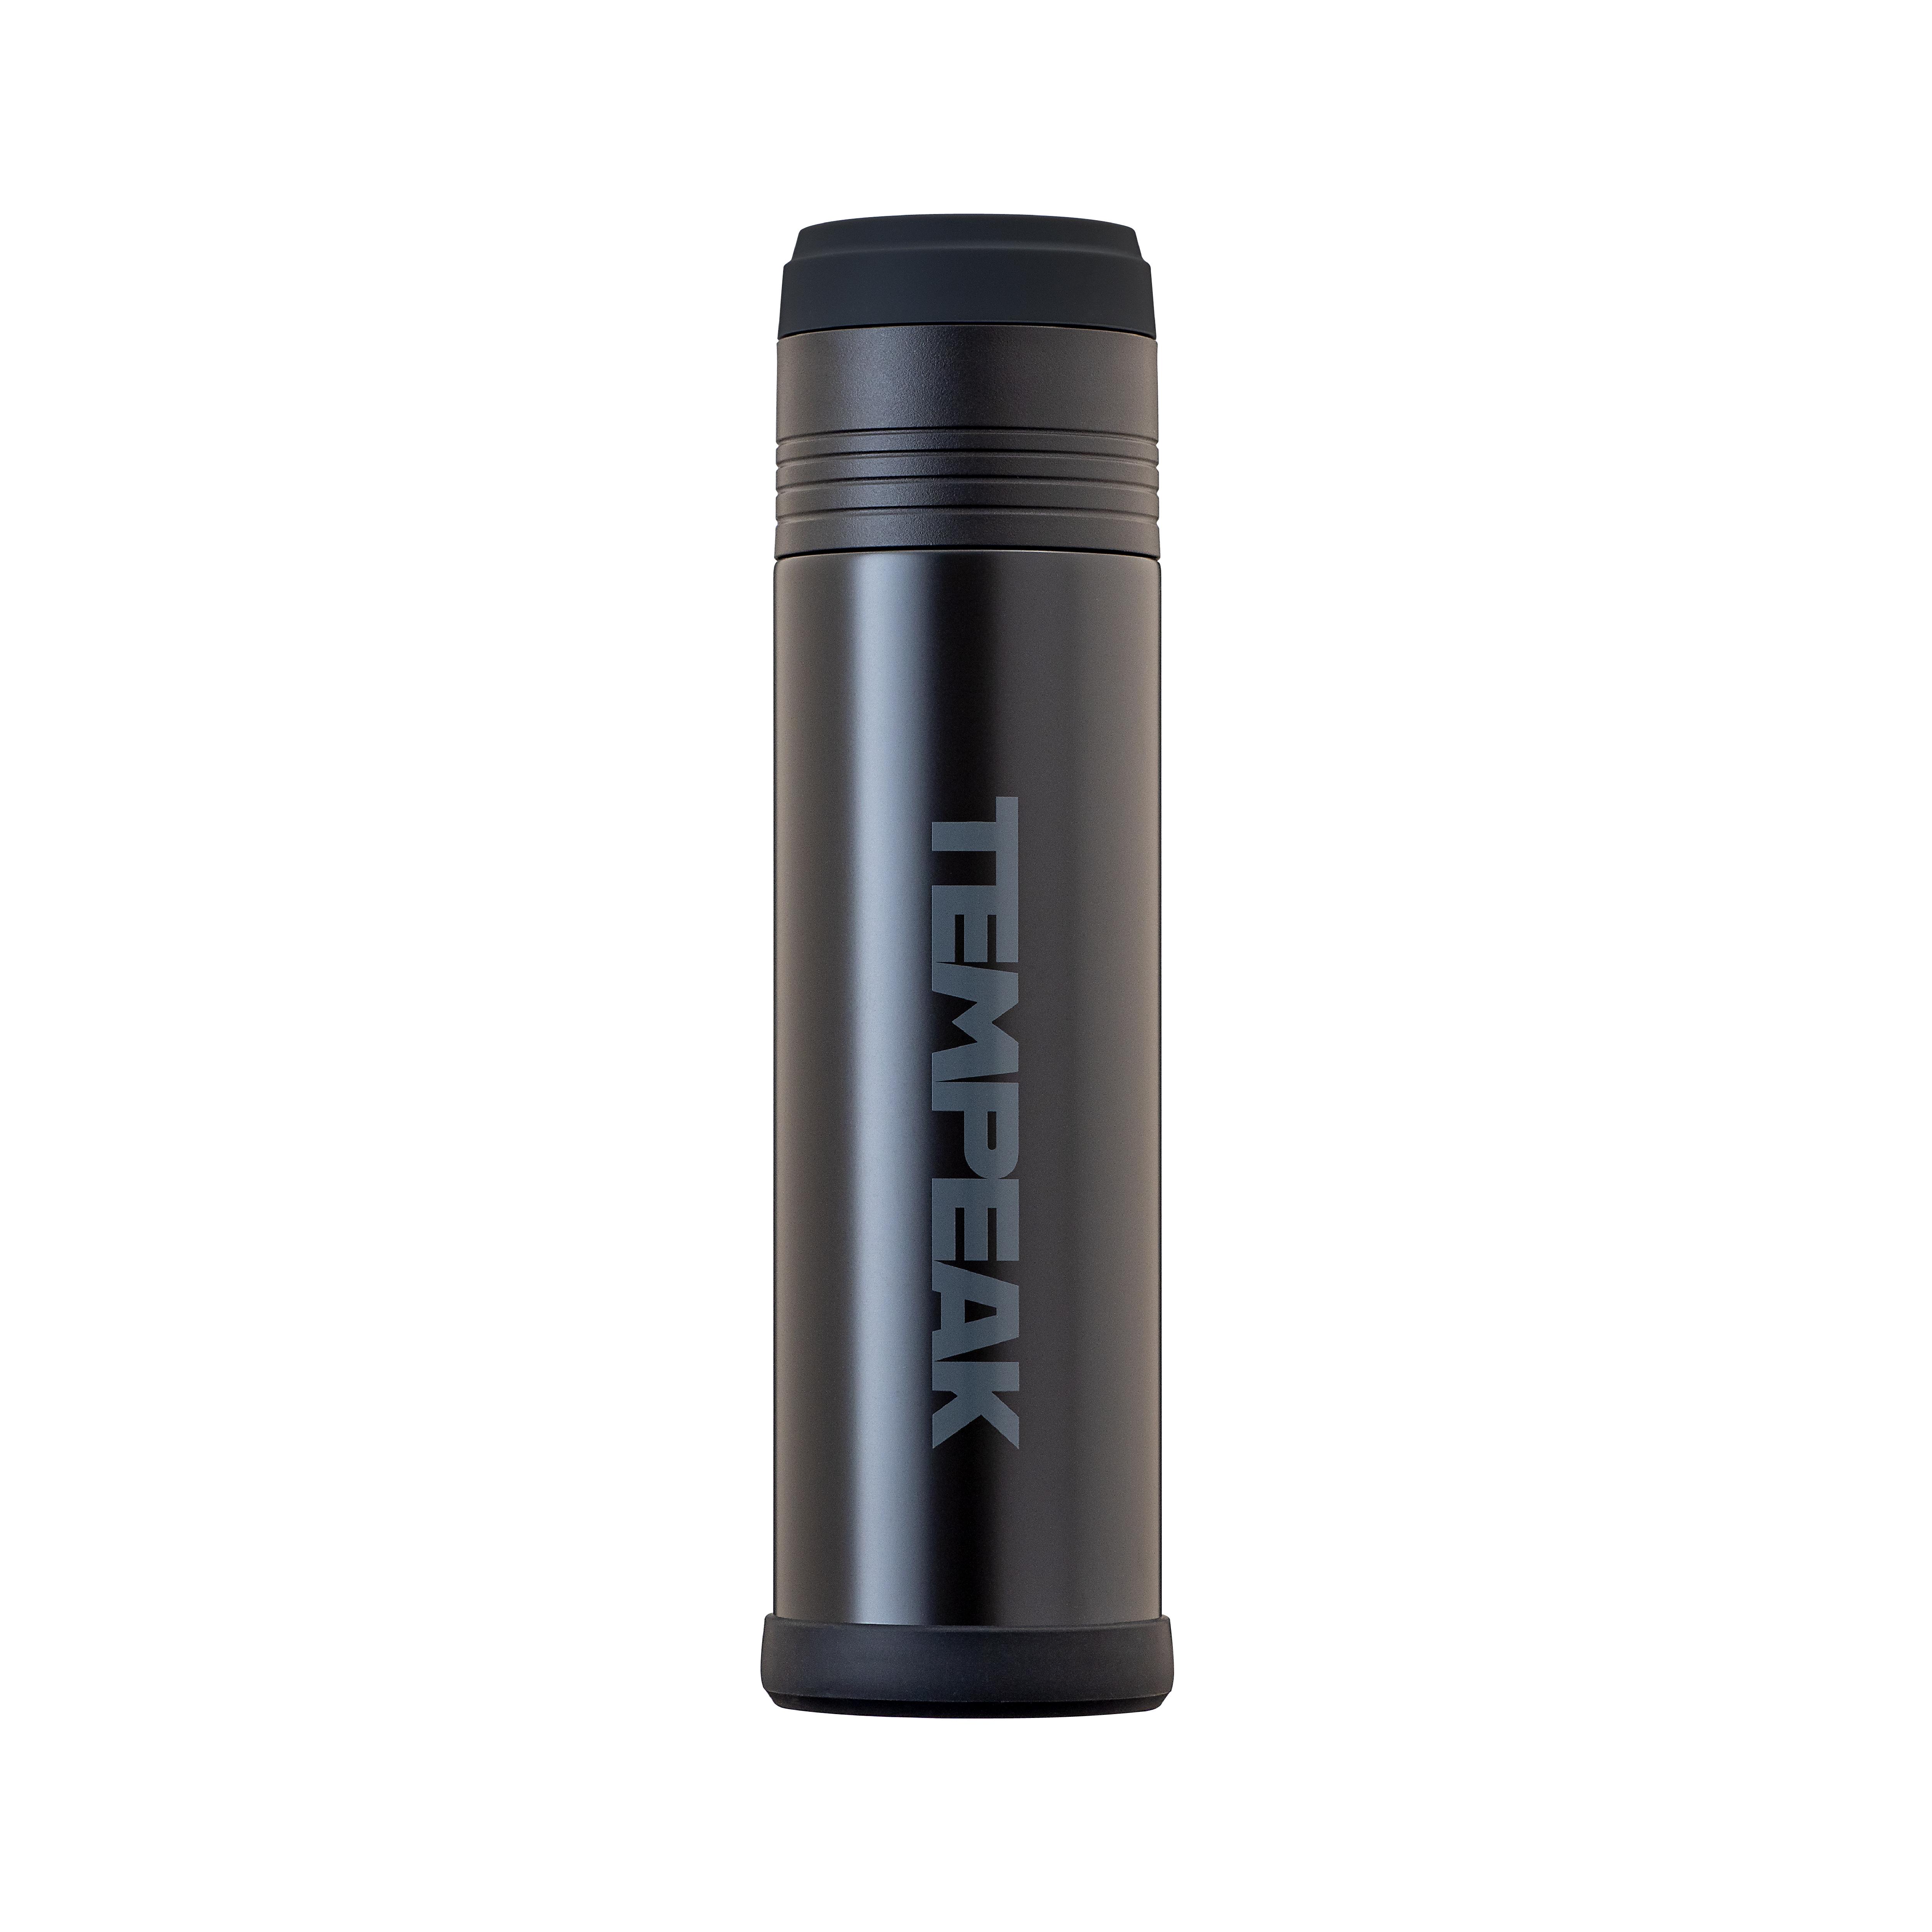 TEMPEAK 超保温ボトル 900ml ブラック